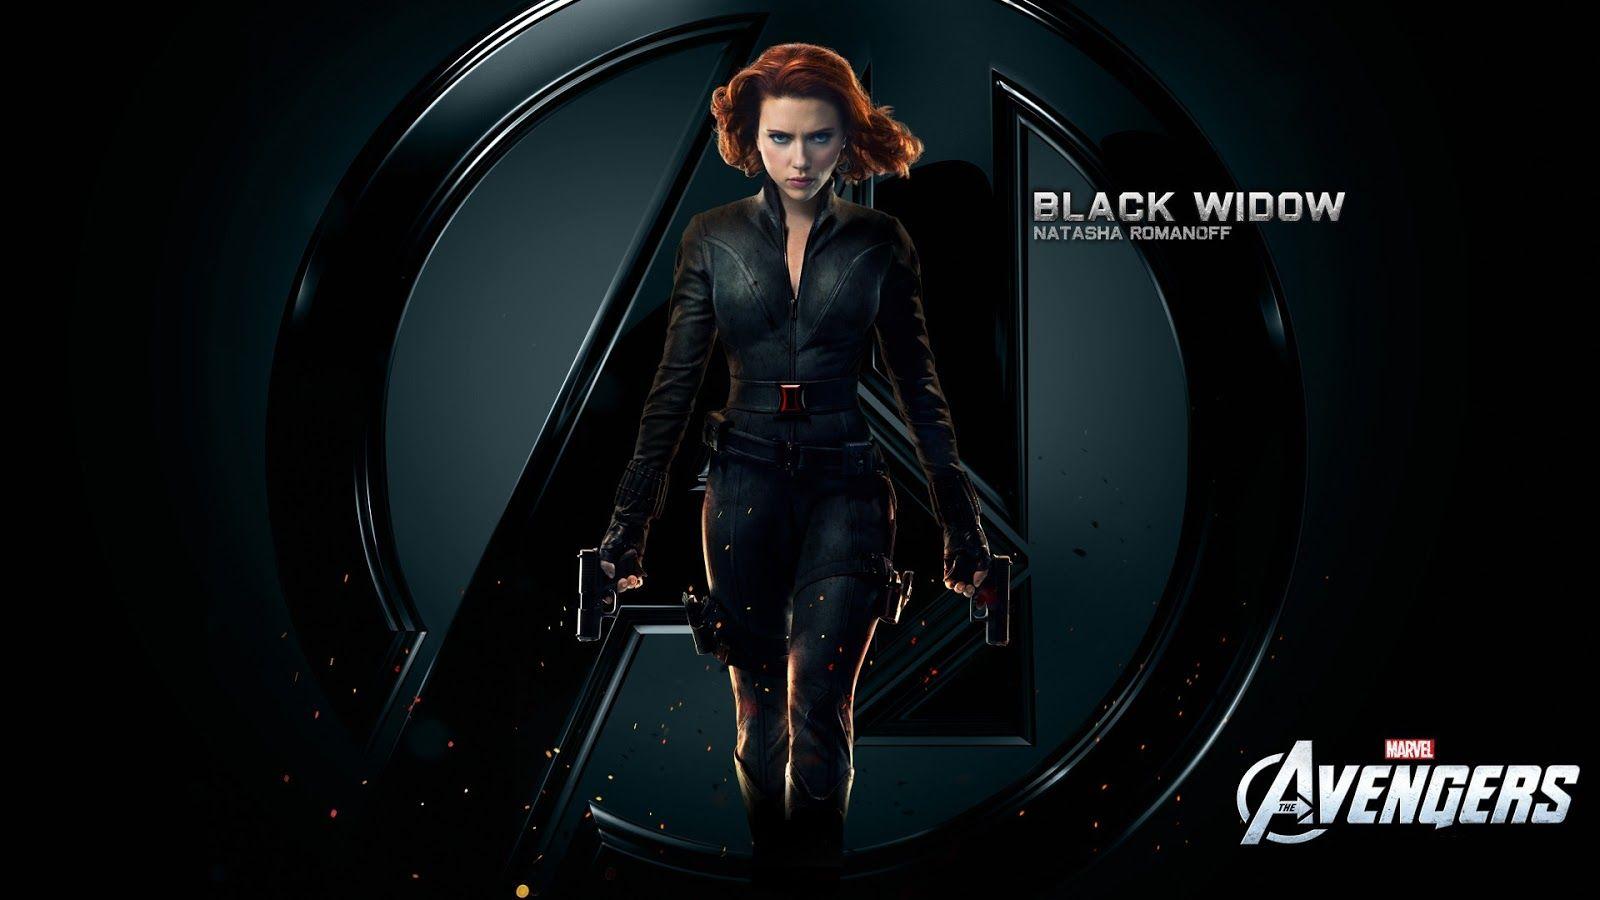 Black Widow Wallpapers Hd Black Widow Avengers Black